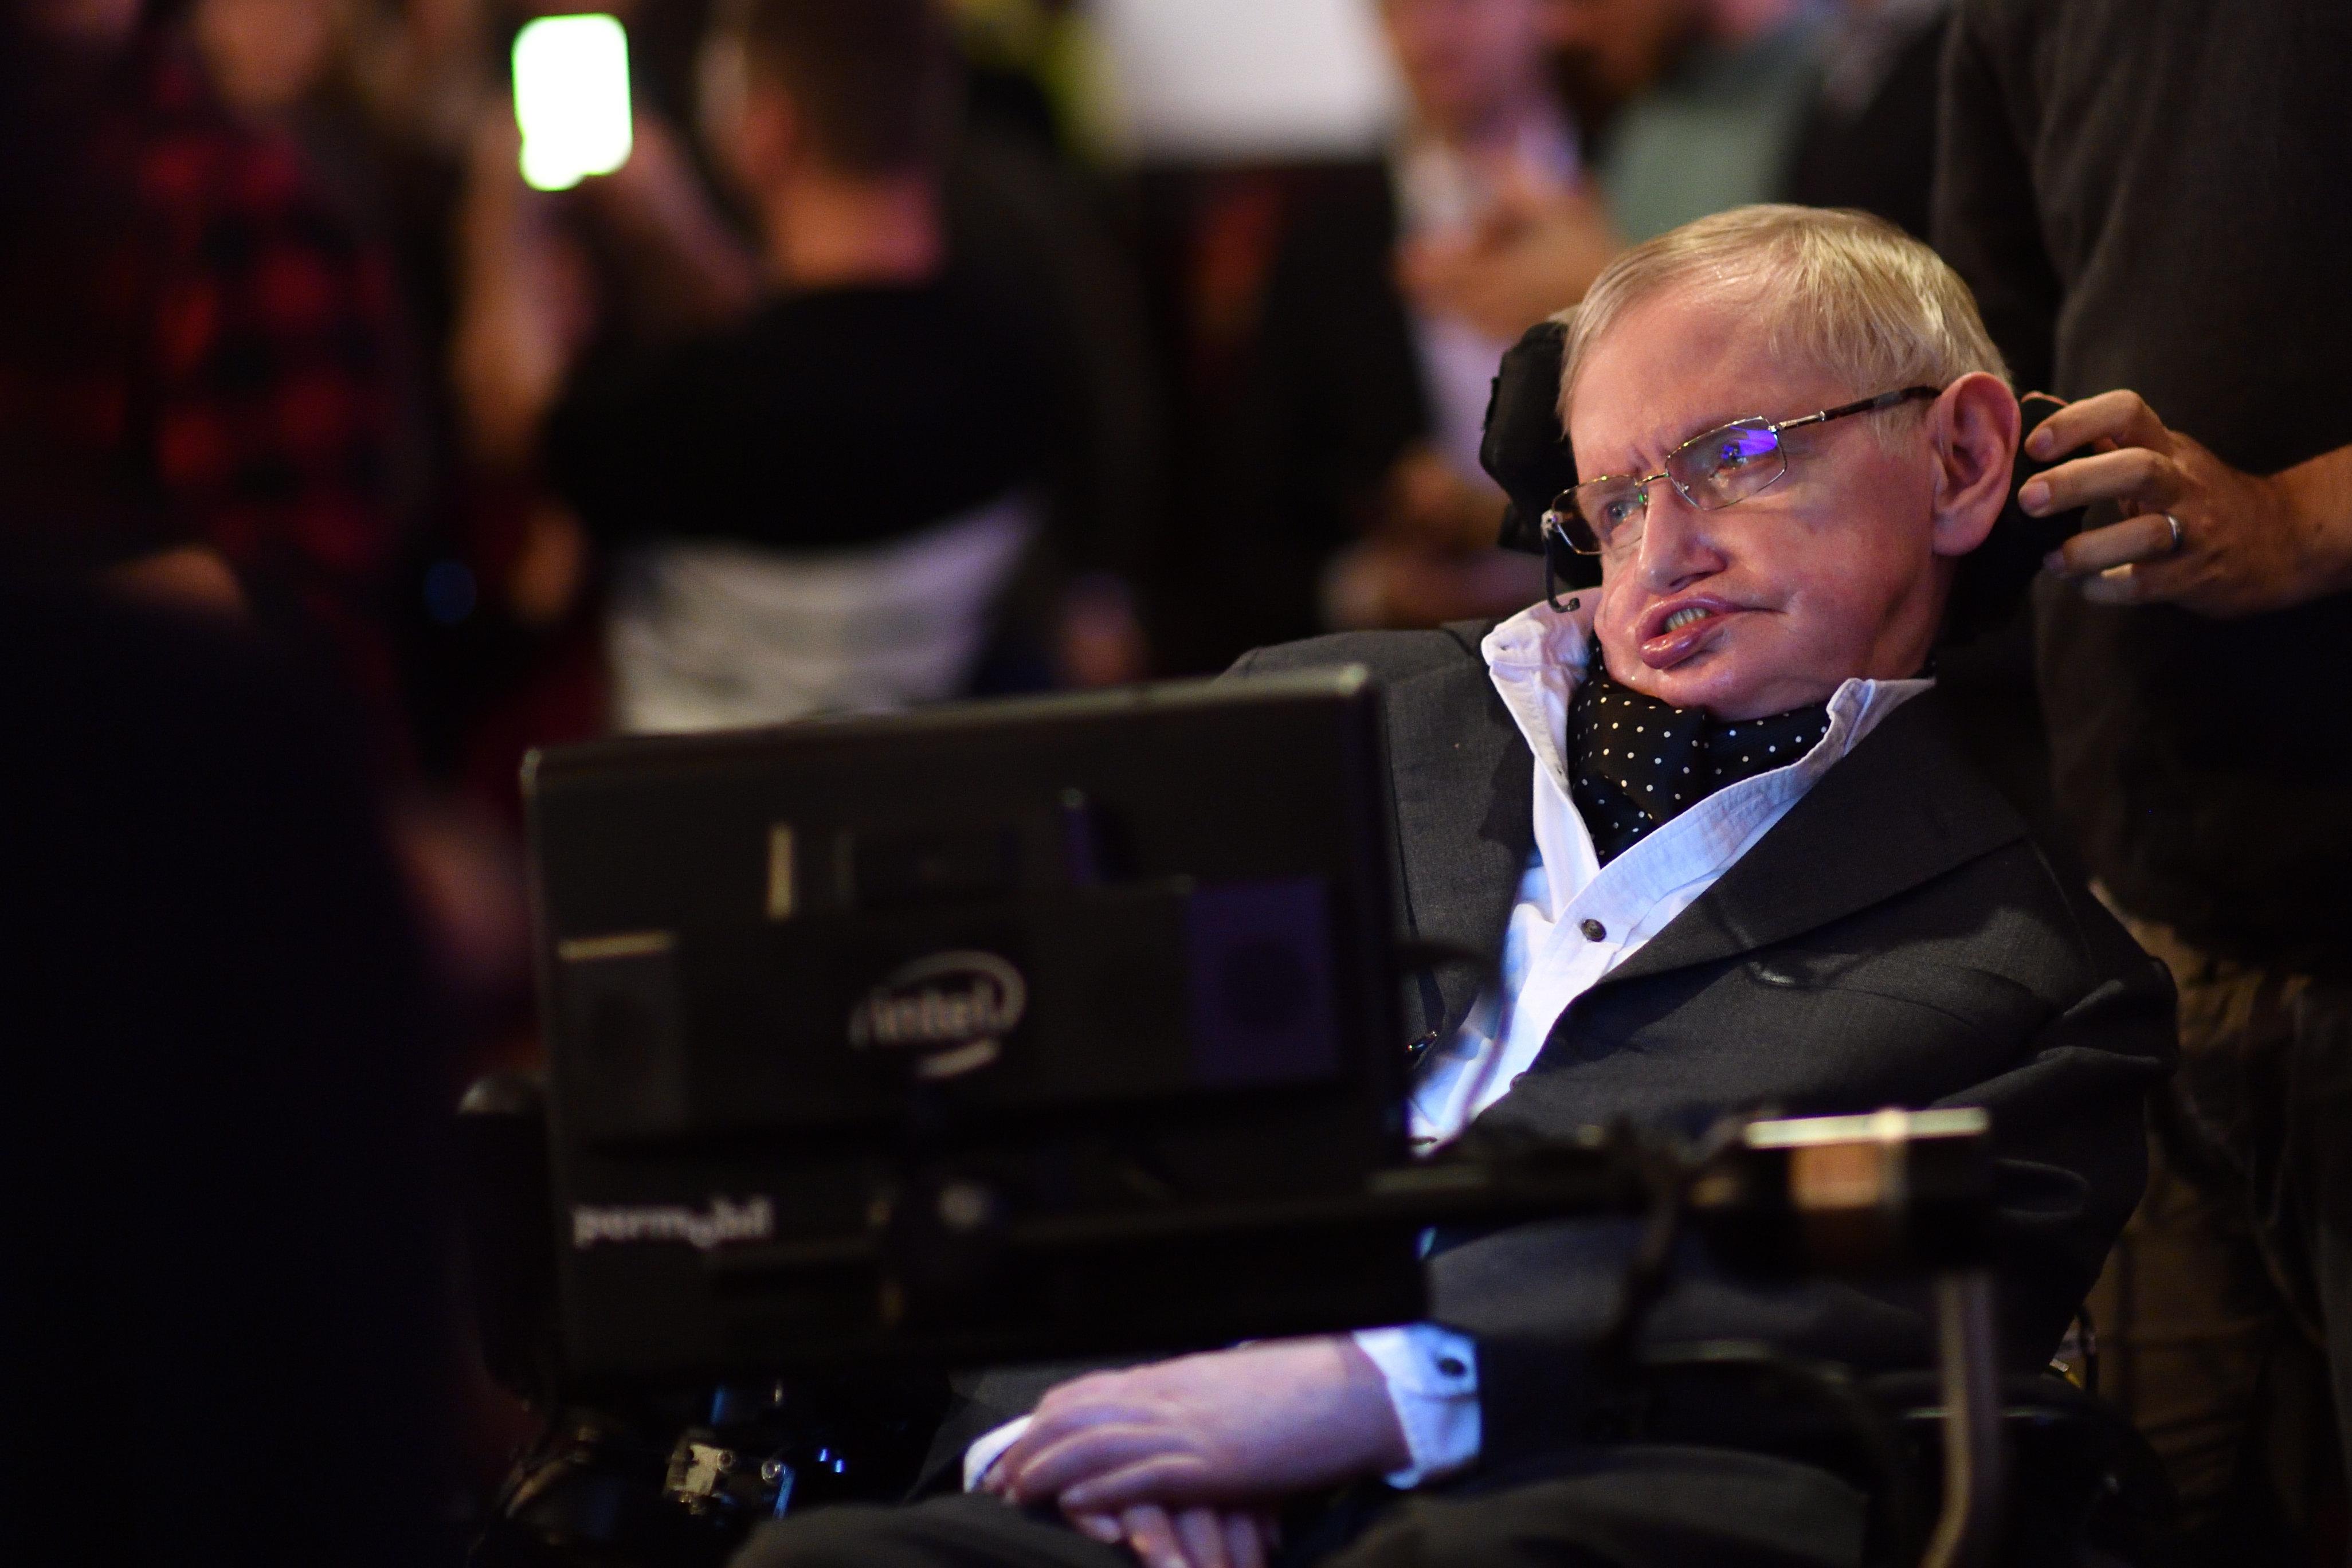 Τι υπήρξε πριν το Big Bang; Ο Stephen Hawking έχει την